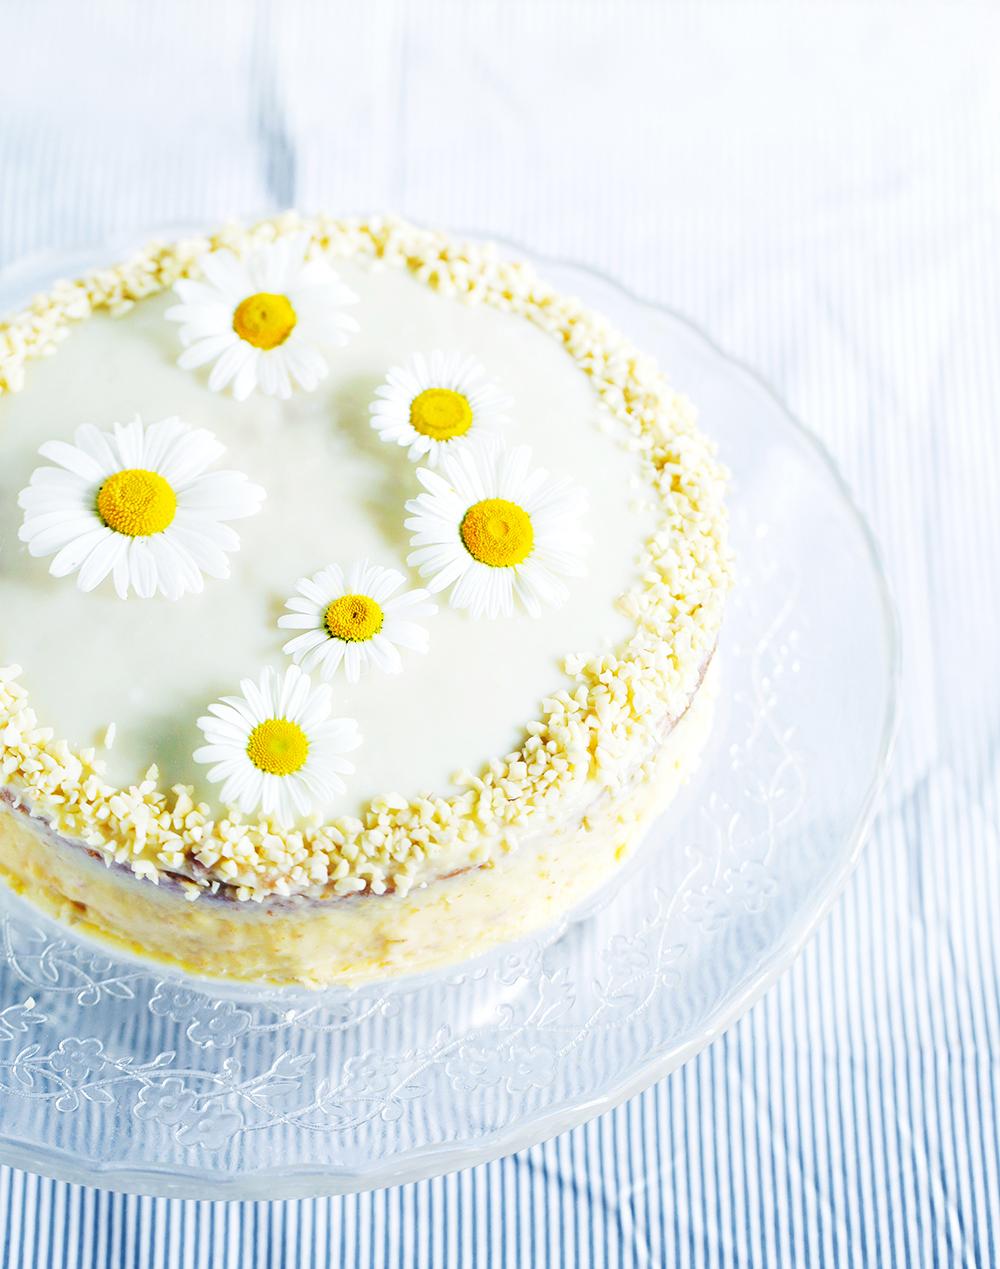 Marjetica, bela torta z jajčno kremo